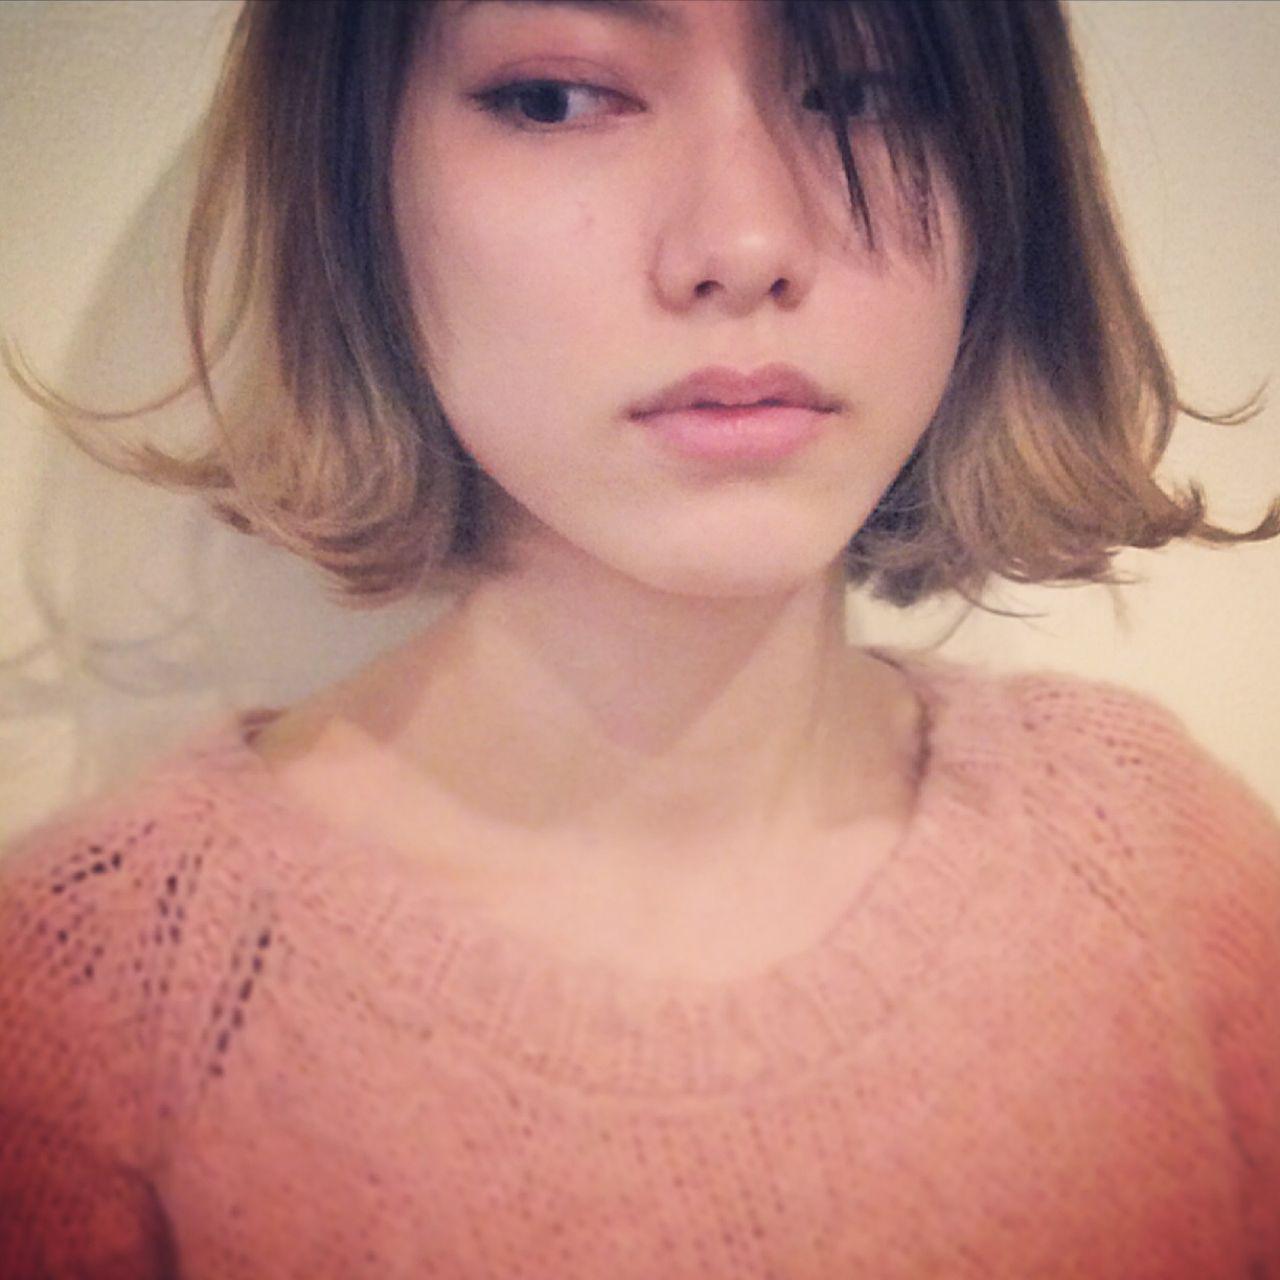 人と被らない私だけのスタイルに。ボブ×グラデーションカラーのヘアスタイルまとめ 細田真吾